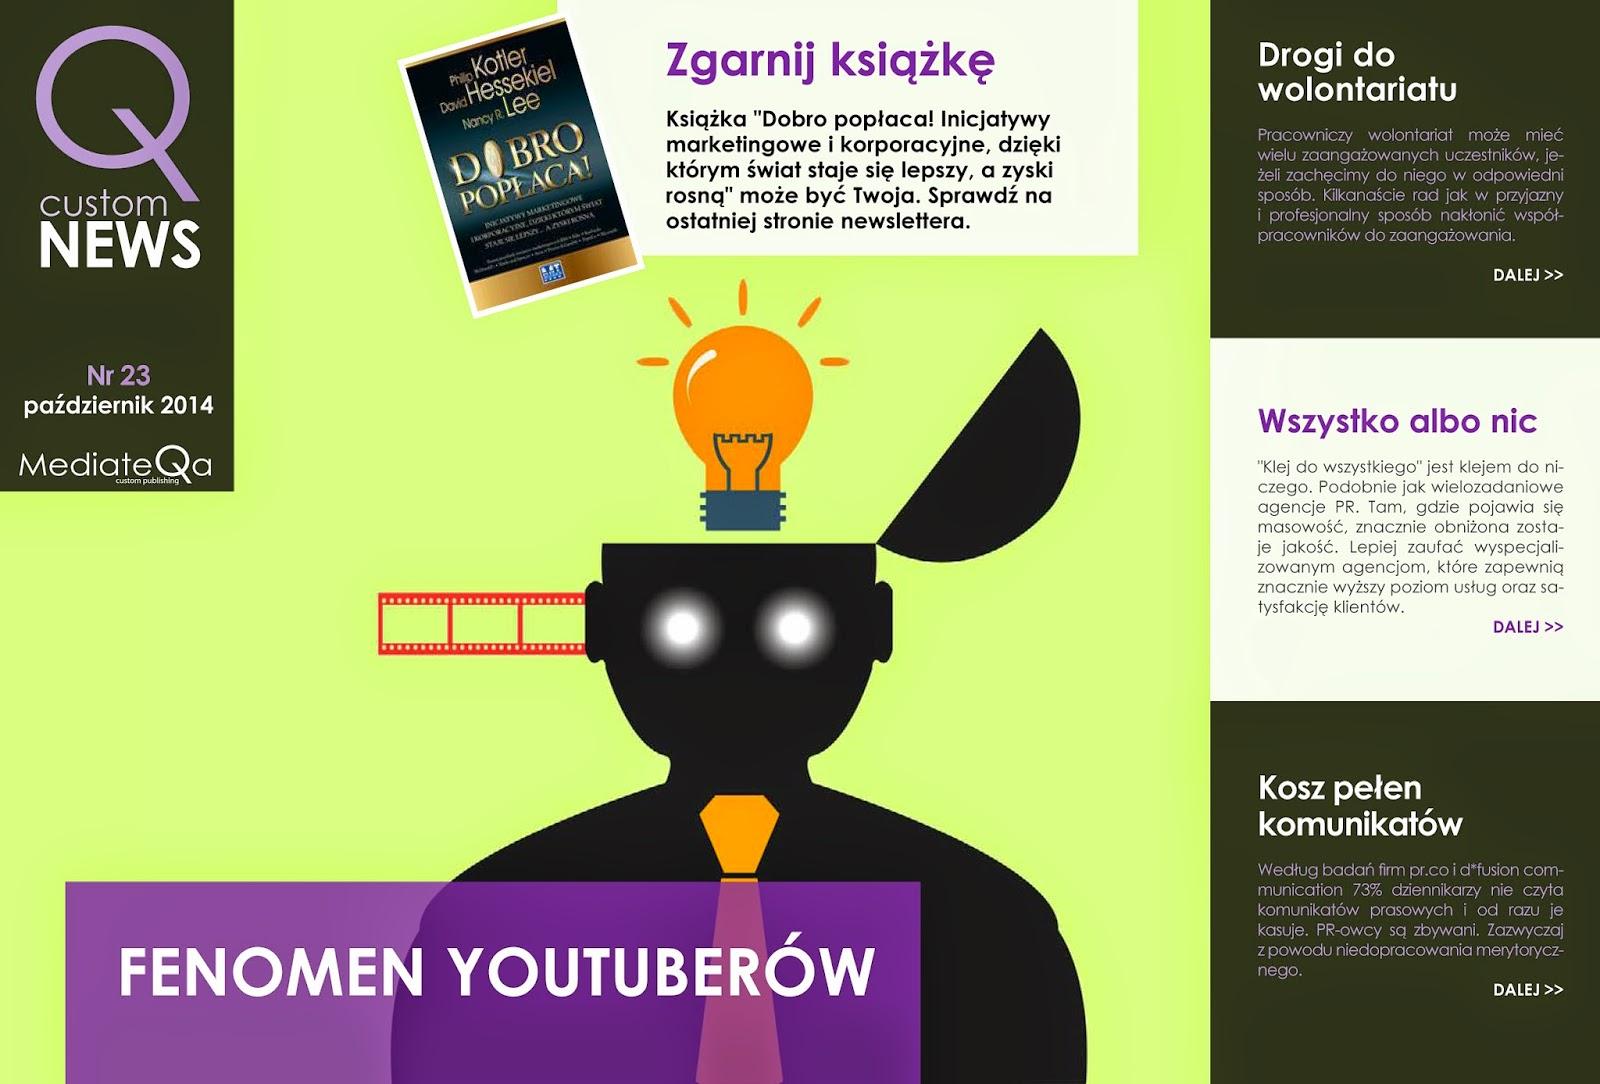 http://www.mediateqa.pl/mediateqa_newsletter.php